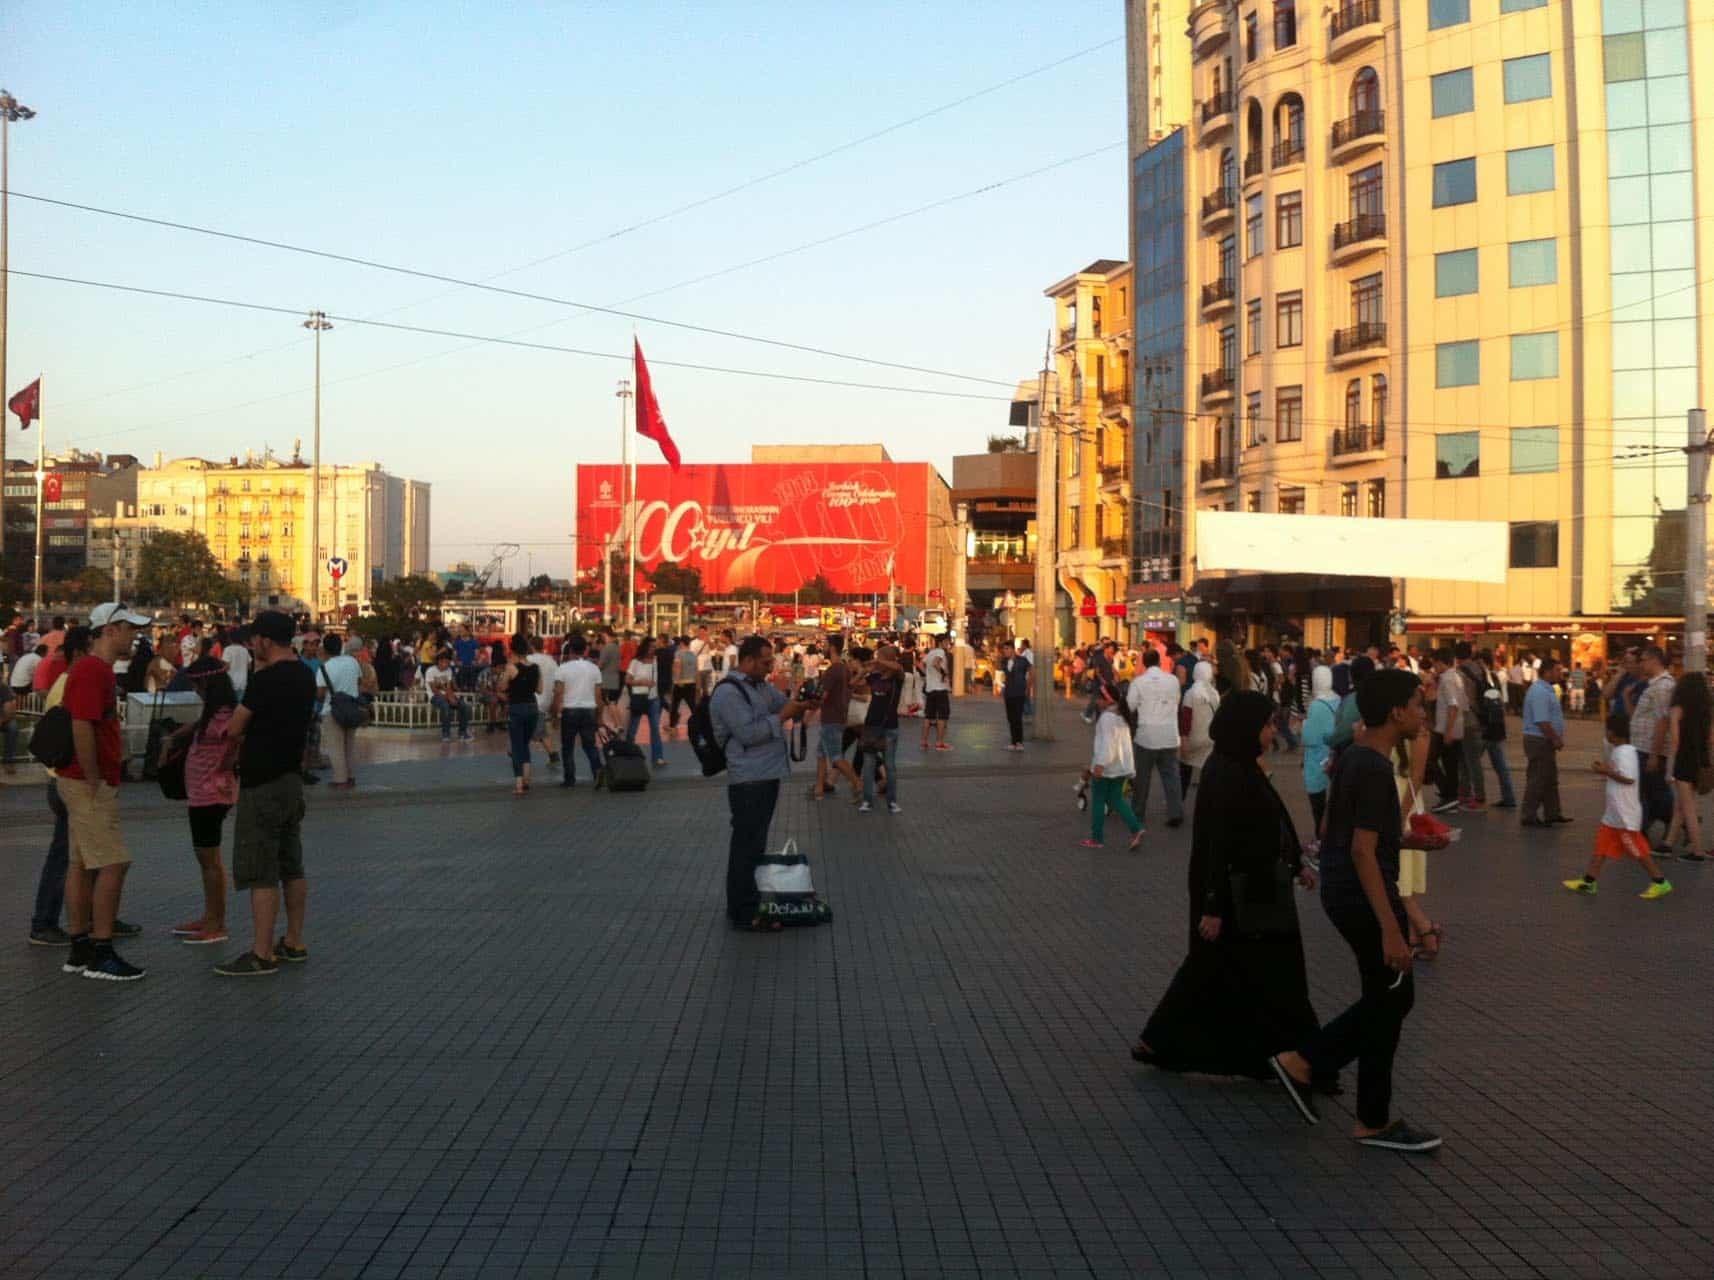 istanbul taksim ataturk kultur merkezi bina giydirme16 - İstanbul Taksim AKM Binası Giydirme